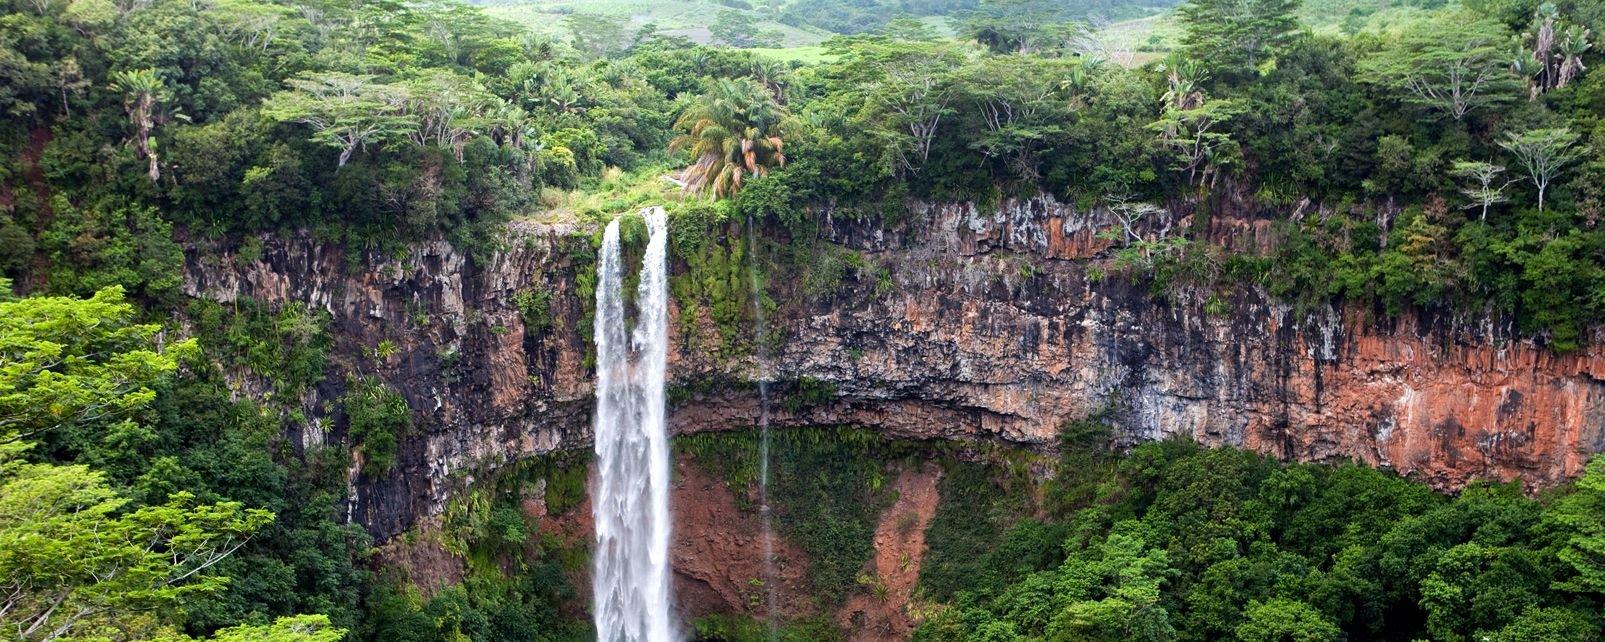 Le Terre di Chamarel, Le terre a colori, I paesaggi, Flic En Flac, Isola Mauritius